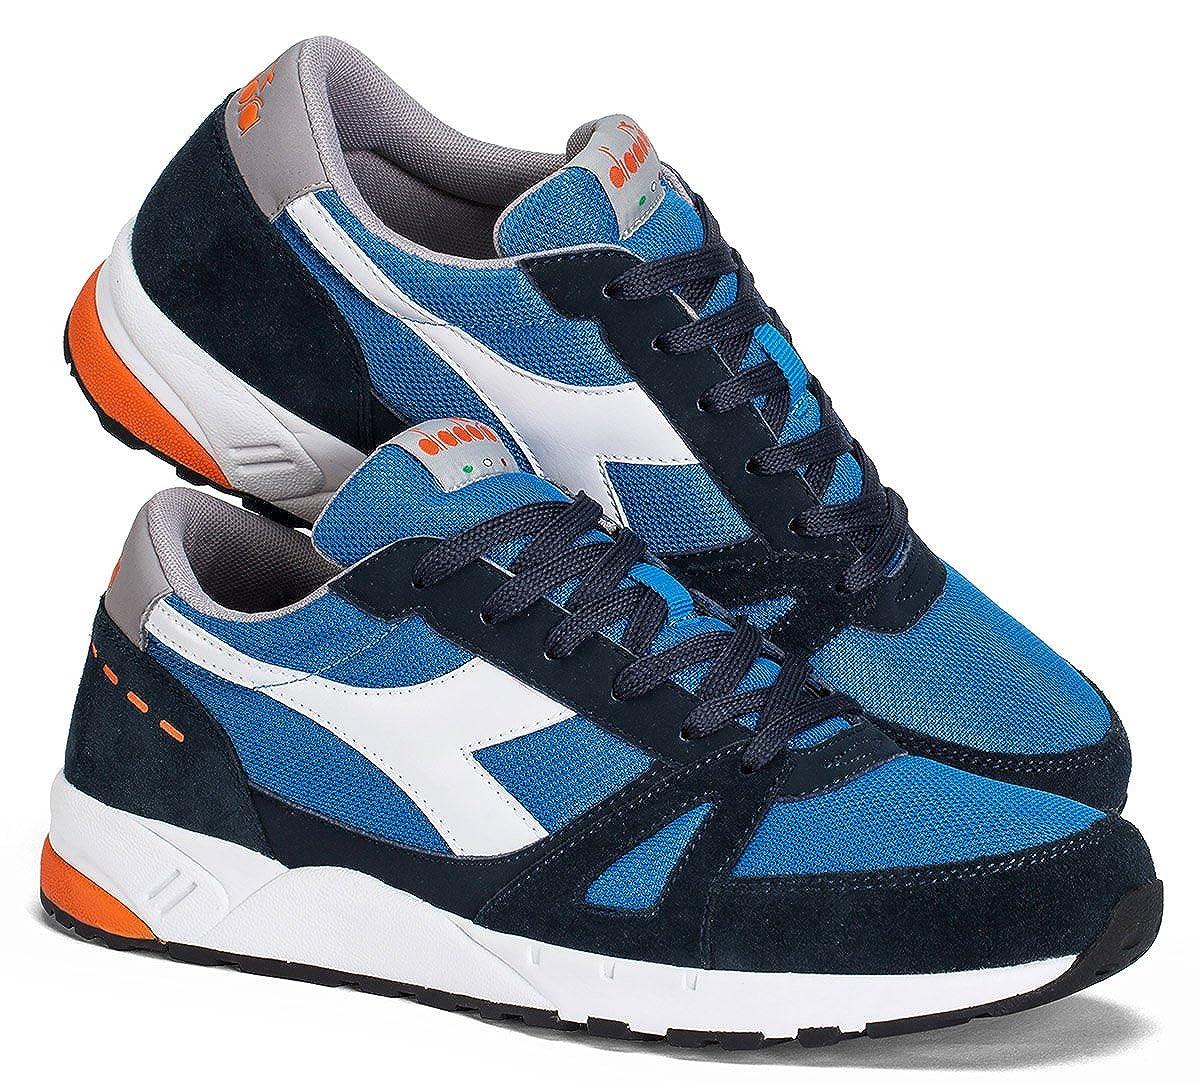 Diadora - - Diadora Sportschuhe Run 90' für Mann und Frau 1a2936